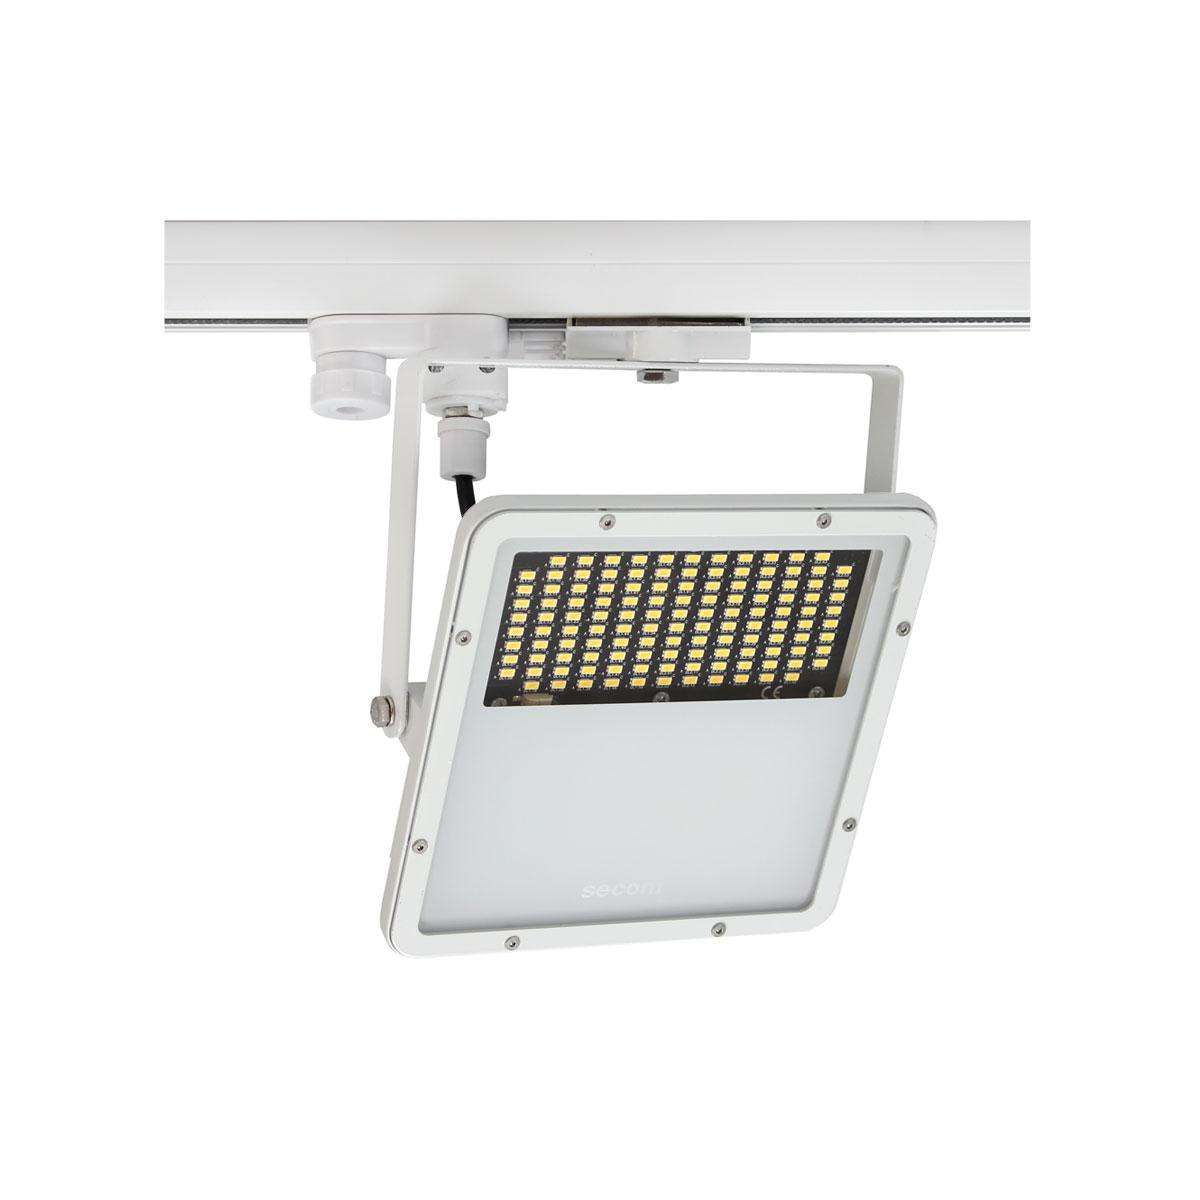 Protek carril proyector interior secom iluminaci n - Sistemas de iluminacion interior ...